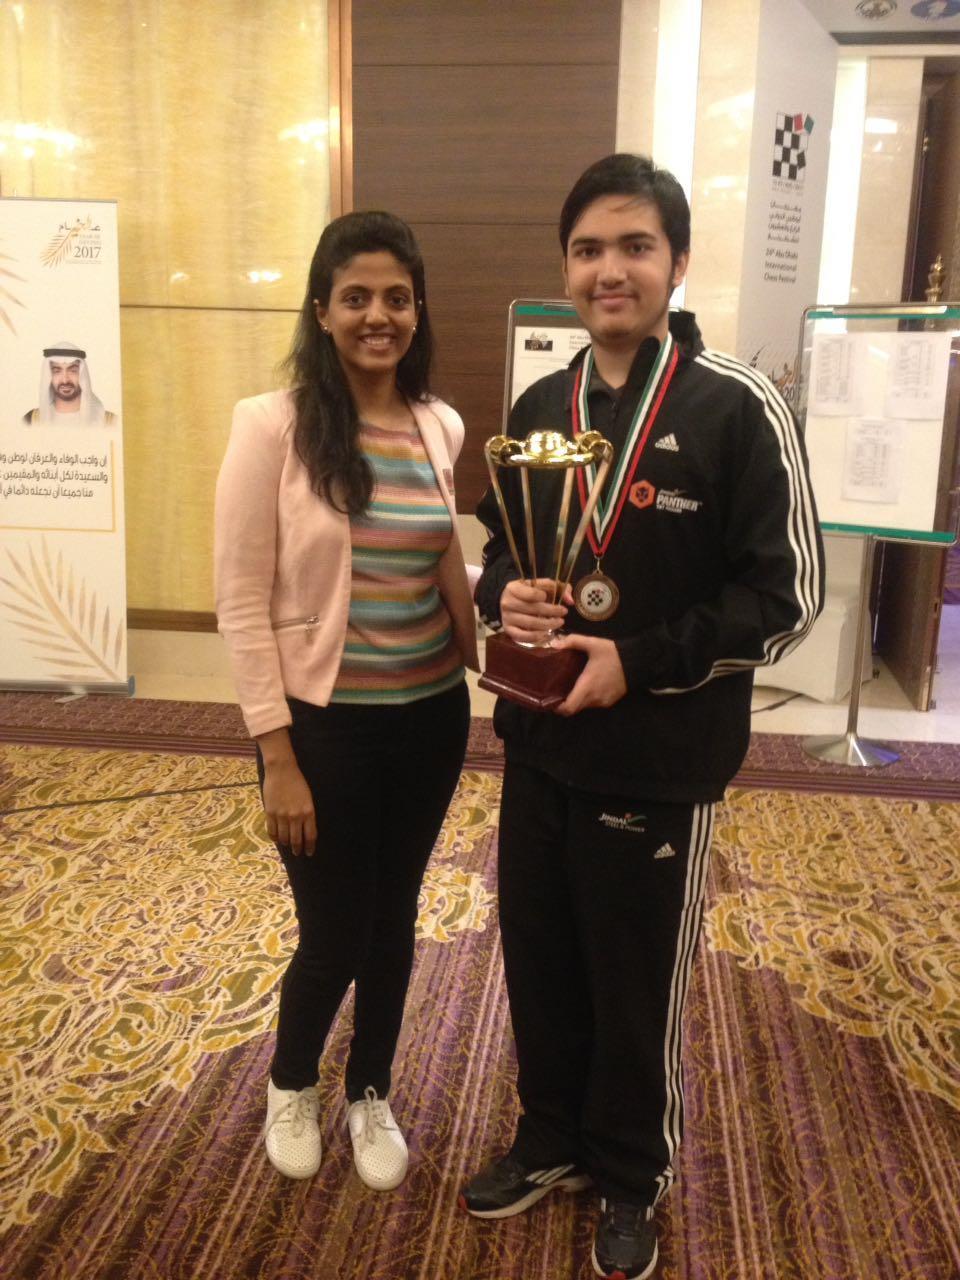 आबू धाबी मास्टर्स शतरंज - भारत के आर्यन चोपड़ा तीसरे स्थान पर